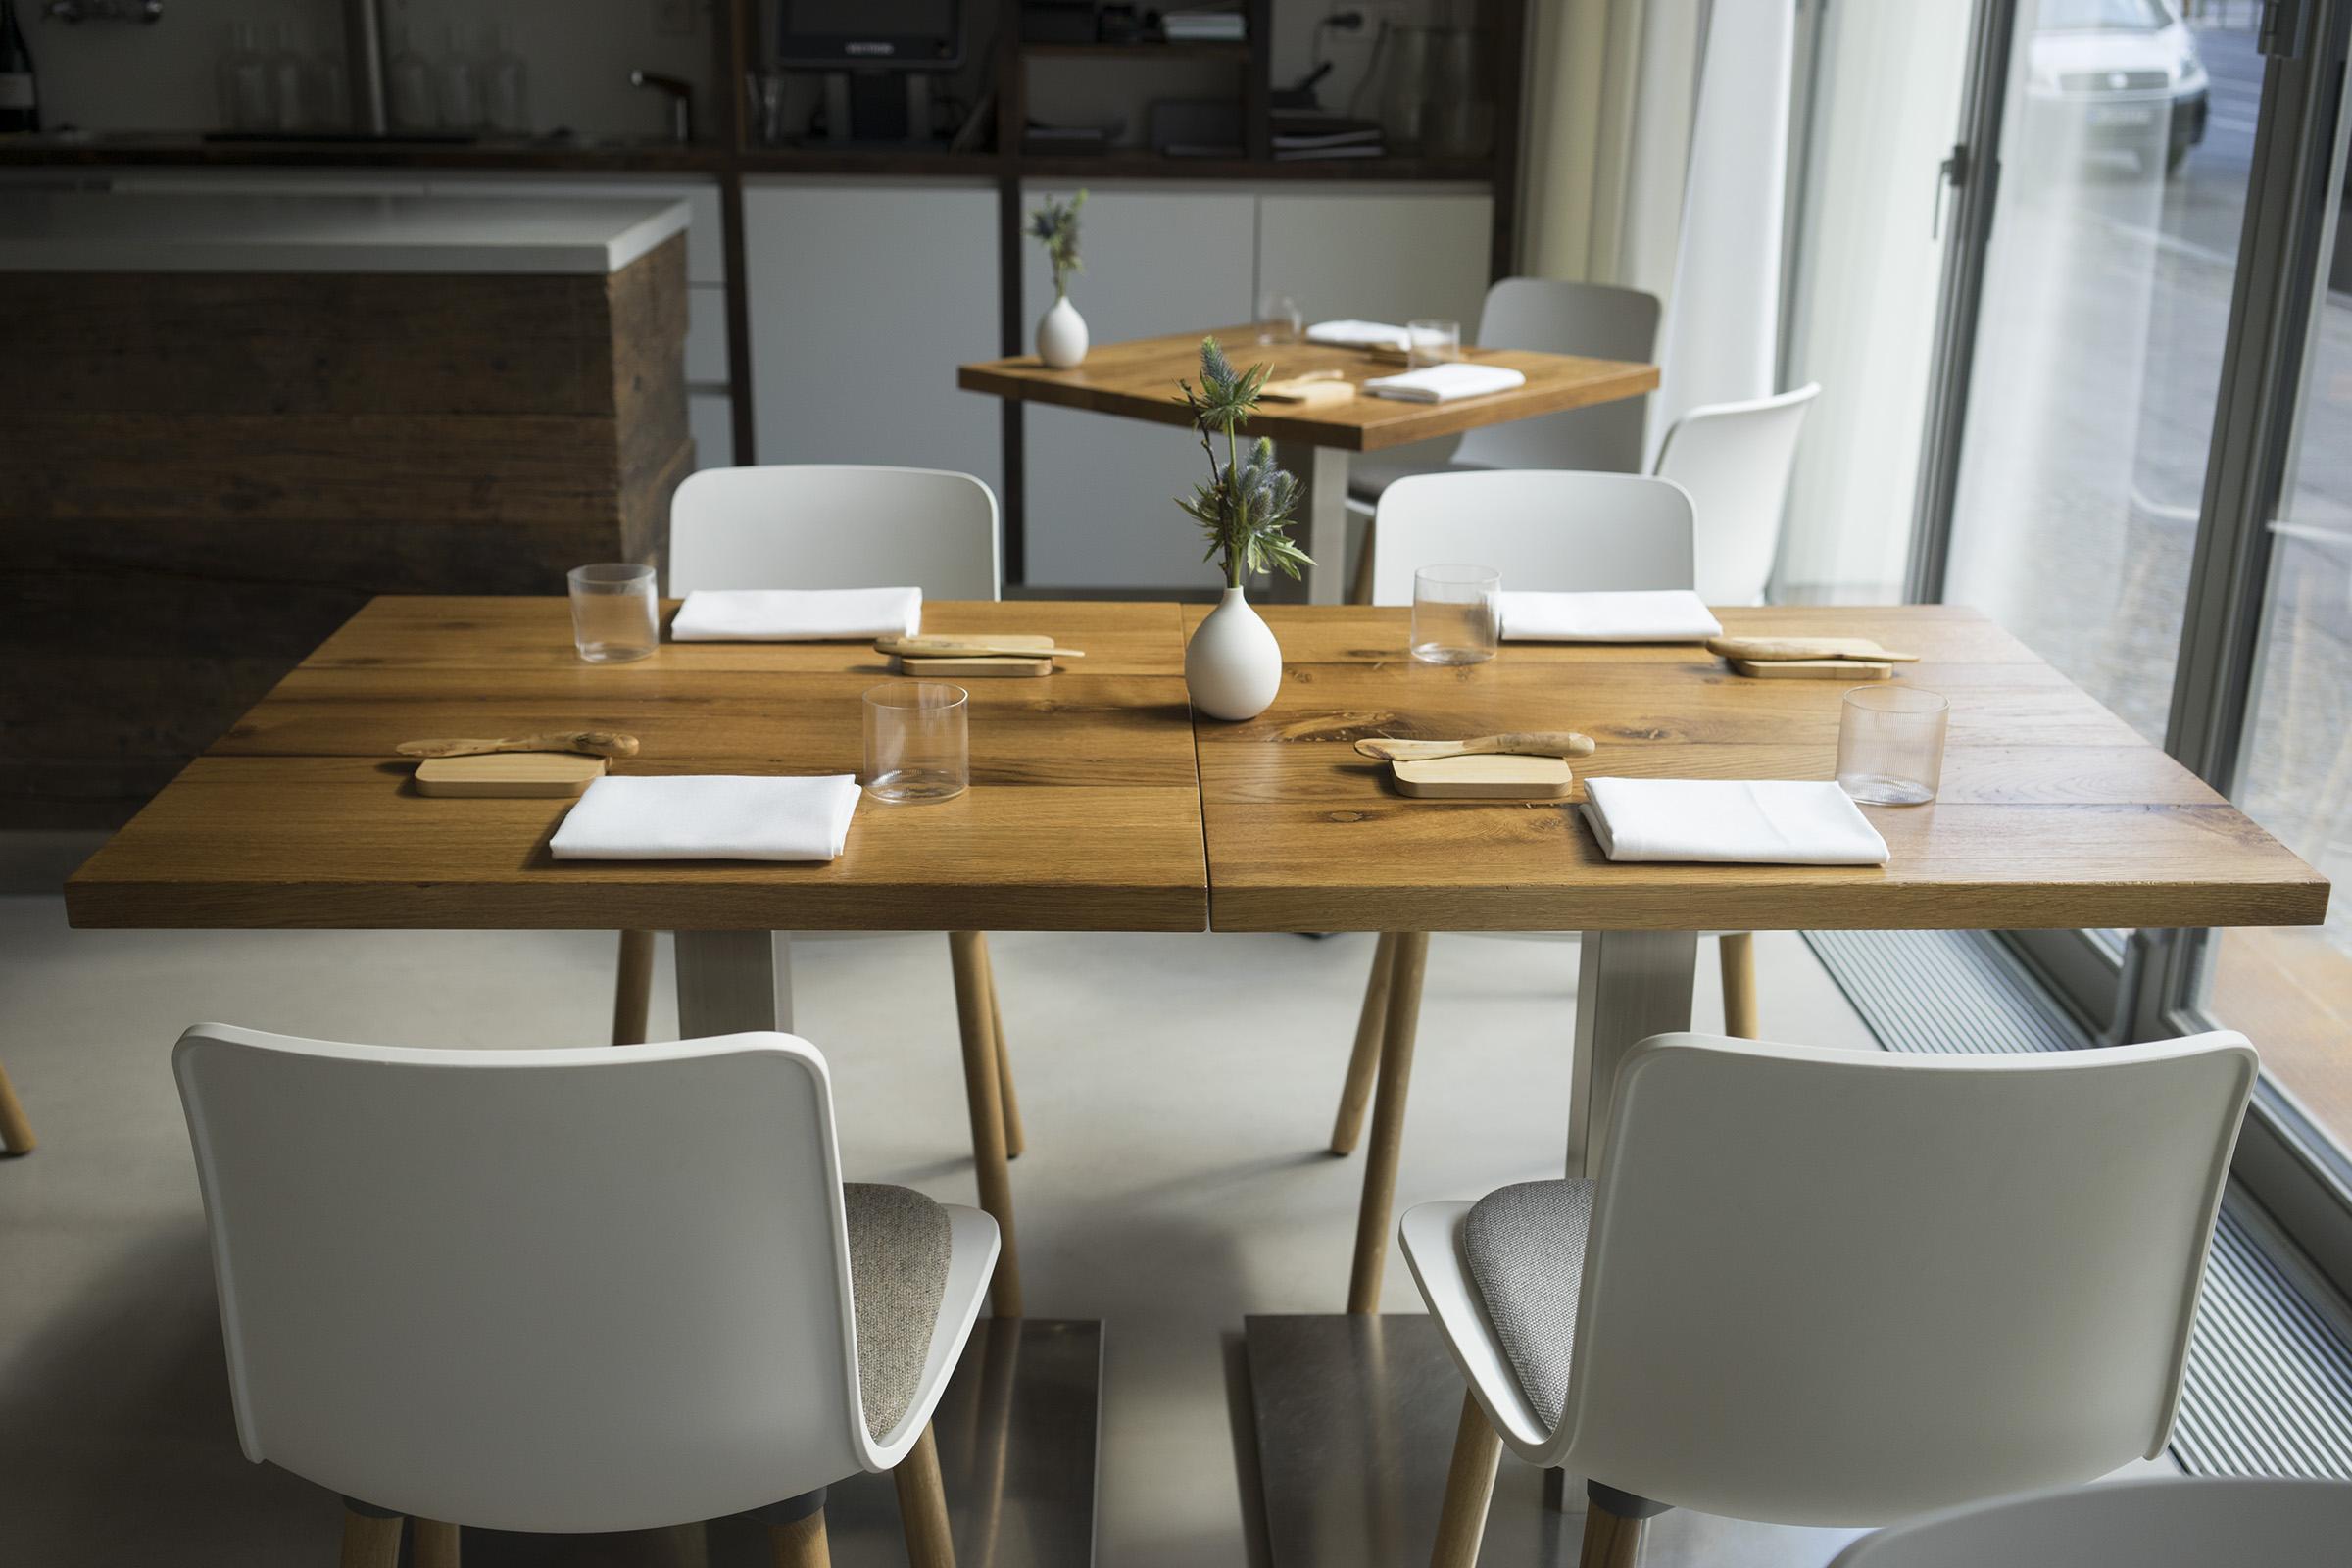 einsunternull kitchen